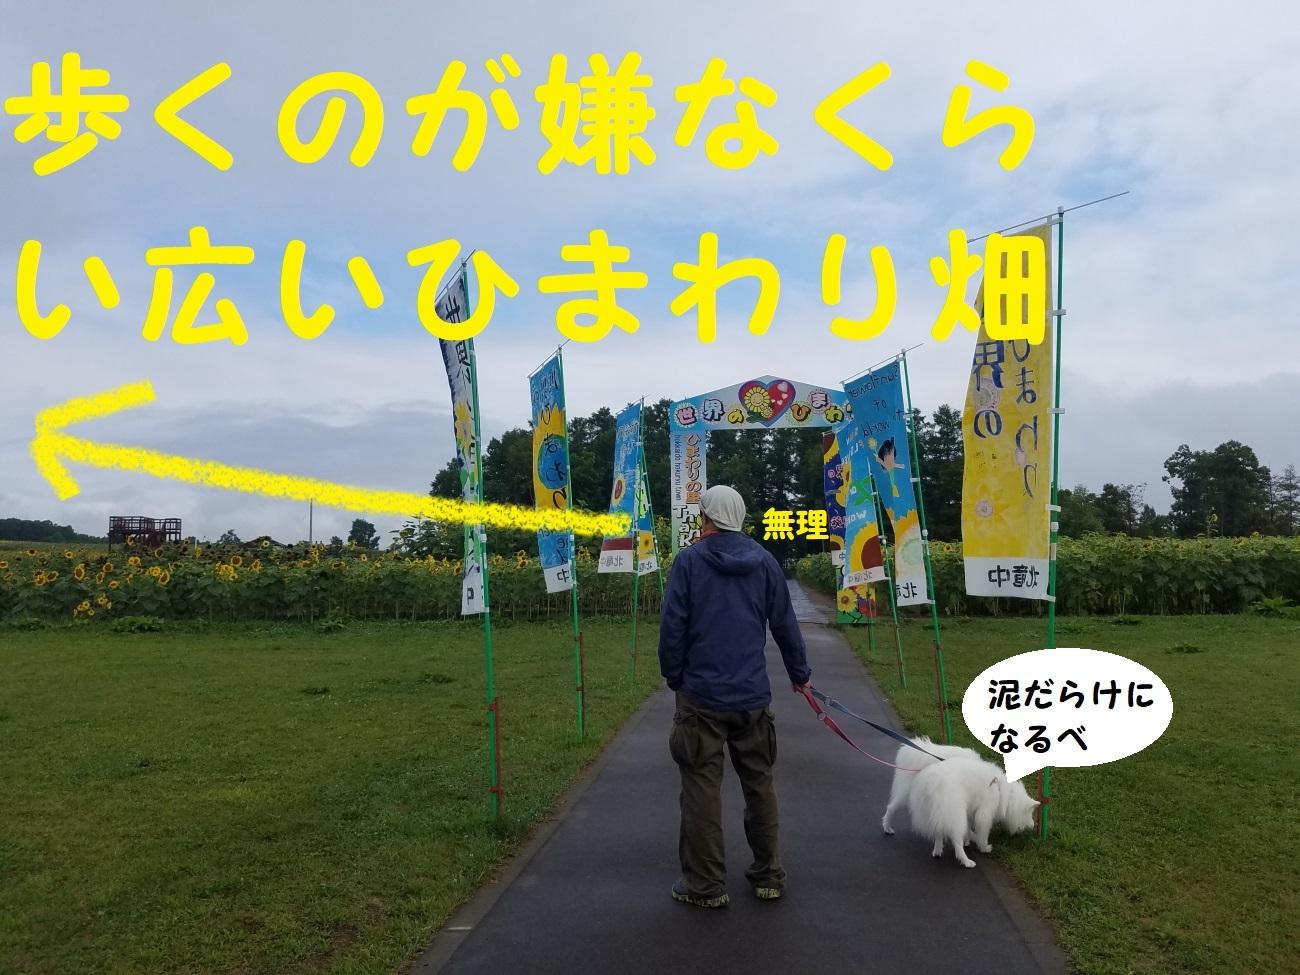 20170818_081141.jpg